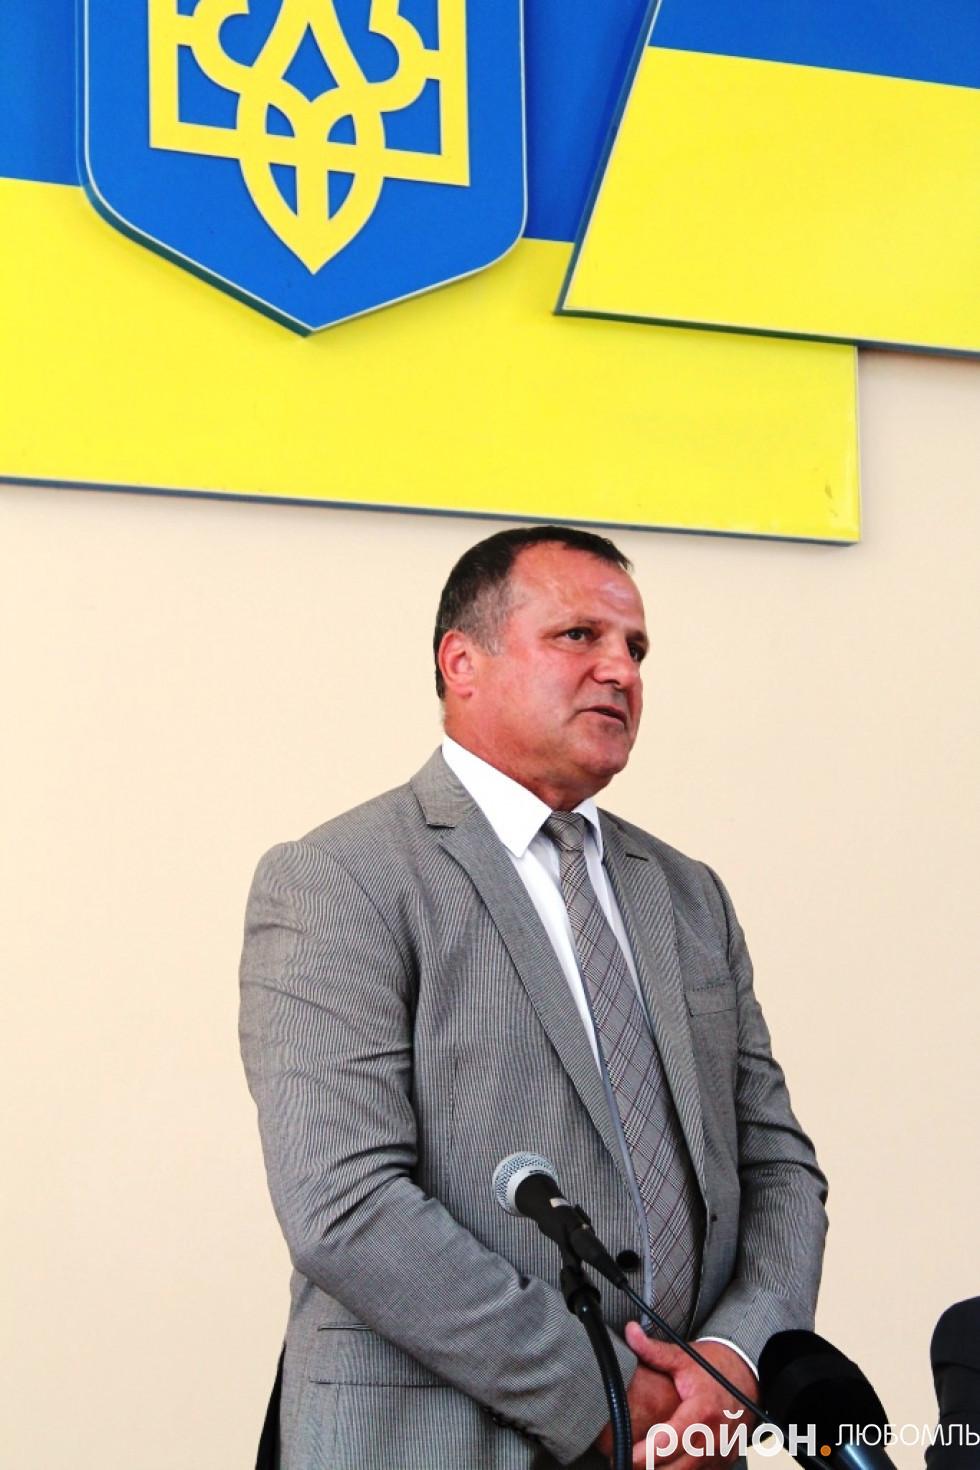 Олександр Устименко поки що три місяці виконувати повноваження голови Любомльської РДА.